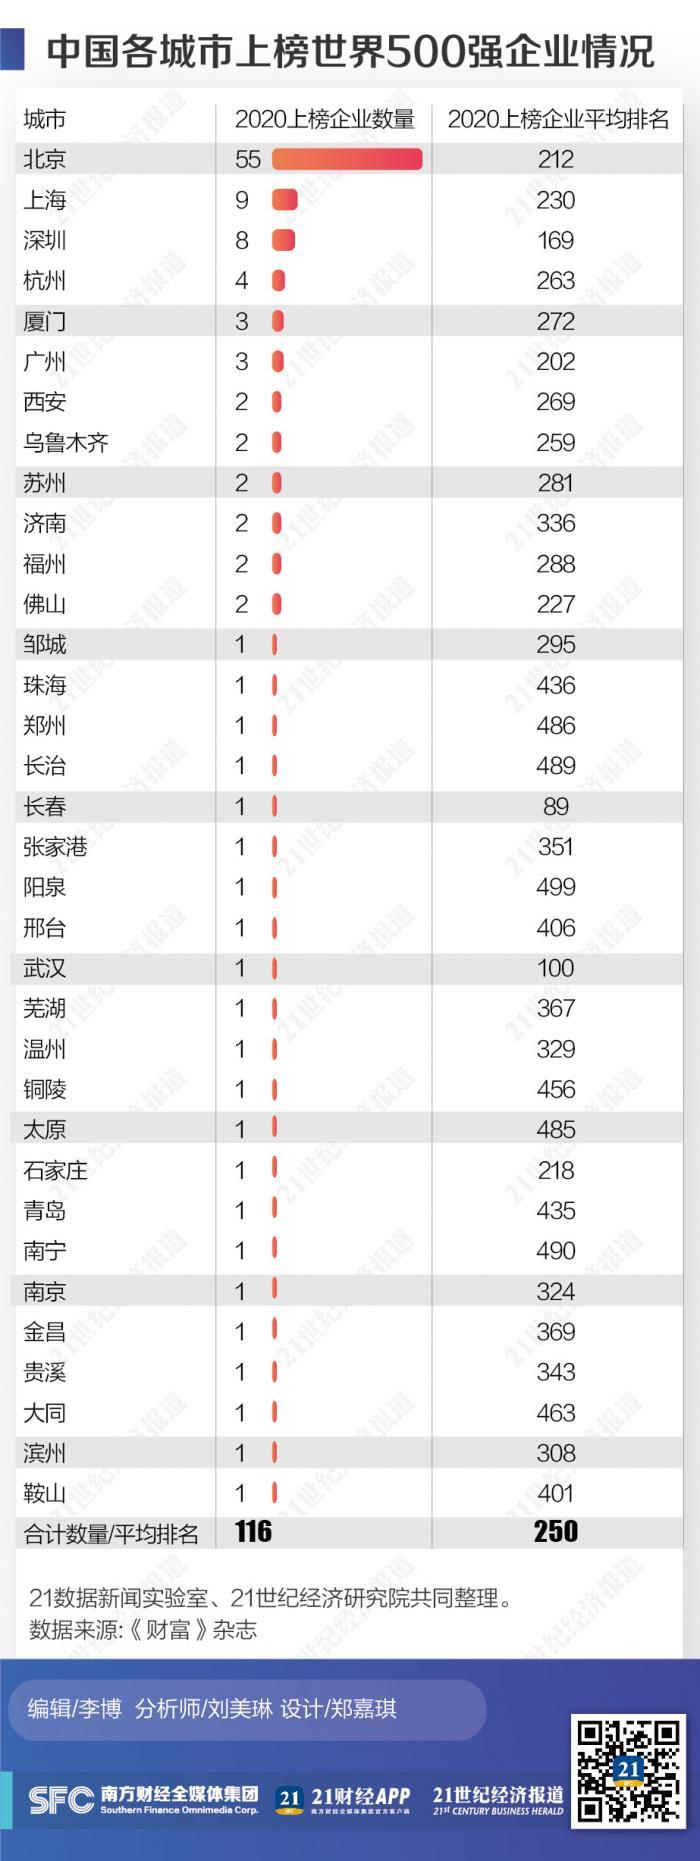 """中国""""世界500强""""企业城市变迁史:深圳排名上升最快 杭州数量增加最多"""